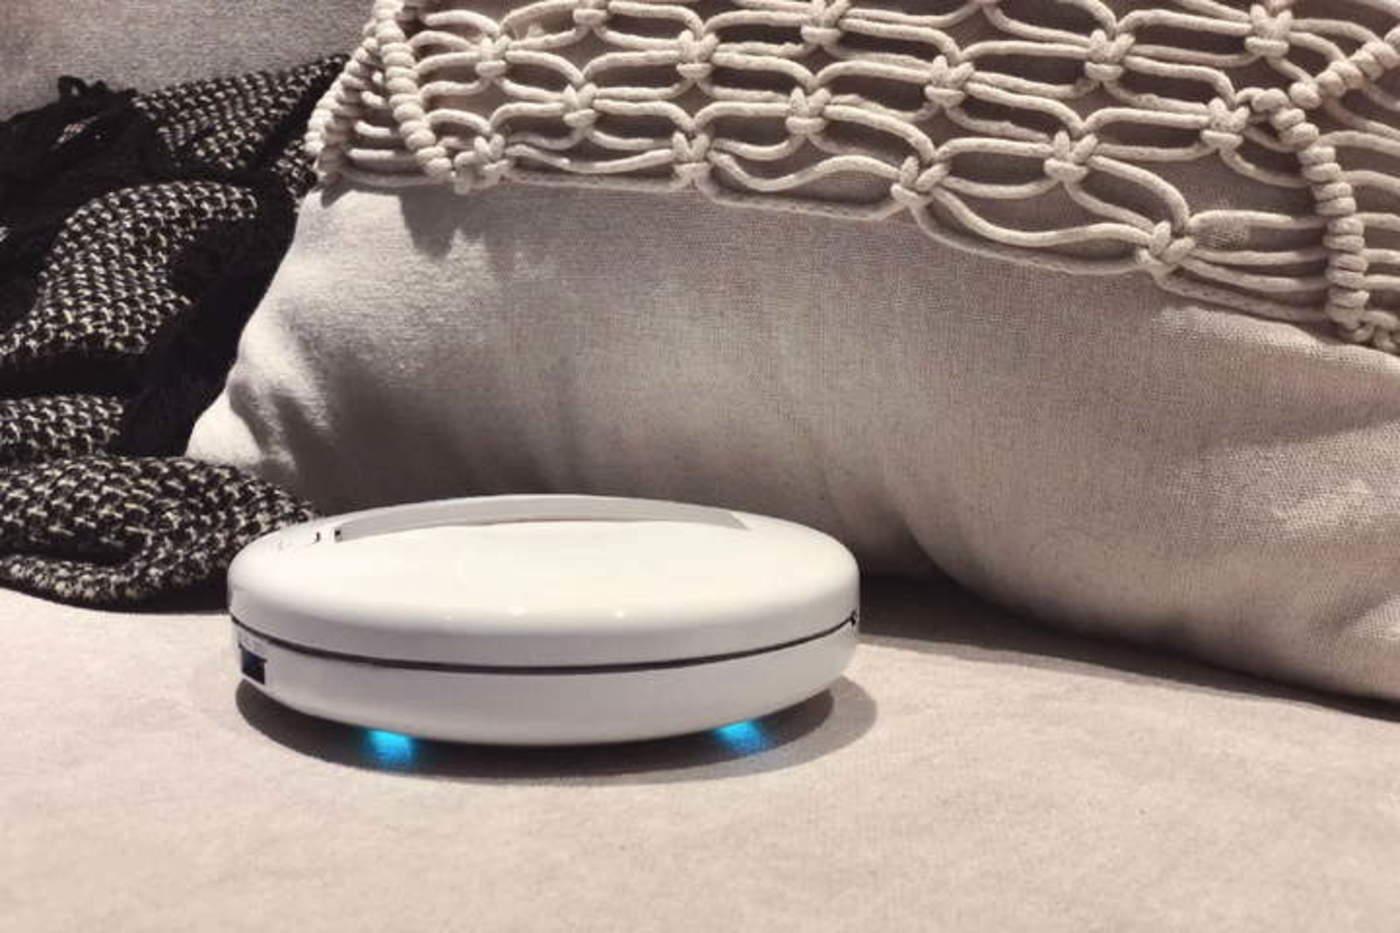 Sus creadores aseguran que el CleanseBot es capaz de limpiar y desinfectar seis veces en una sola carga (toma cuatro horas llenar su batería). (ESPECIAL)